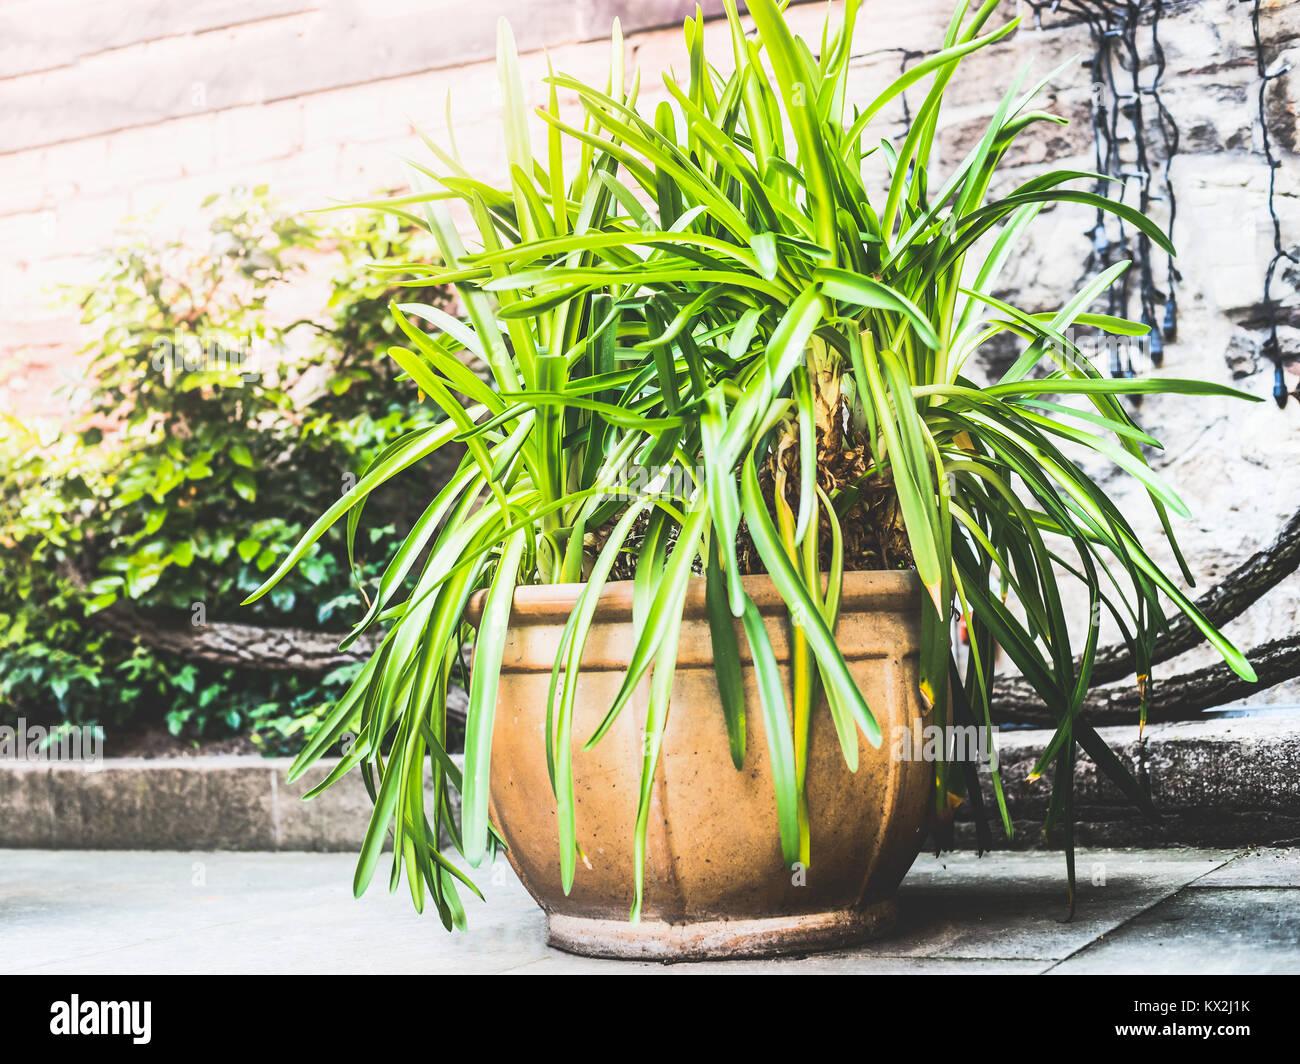 Bonito Patio De Terracota Maceta Con Plantas Verdes Contenedor De - Plantas-verdes-exterior